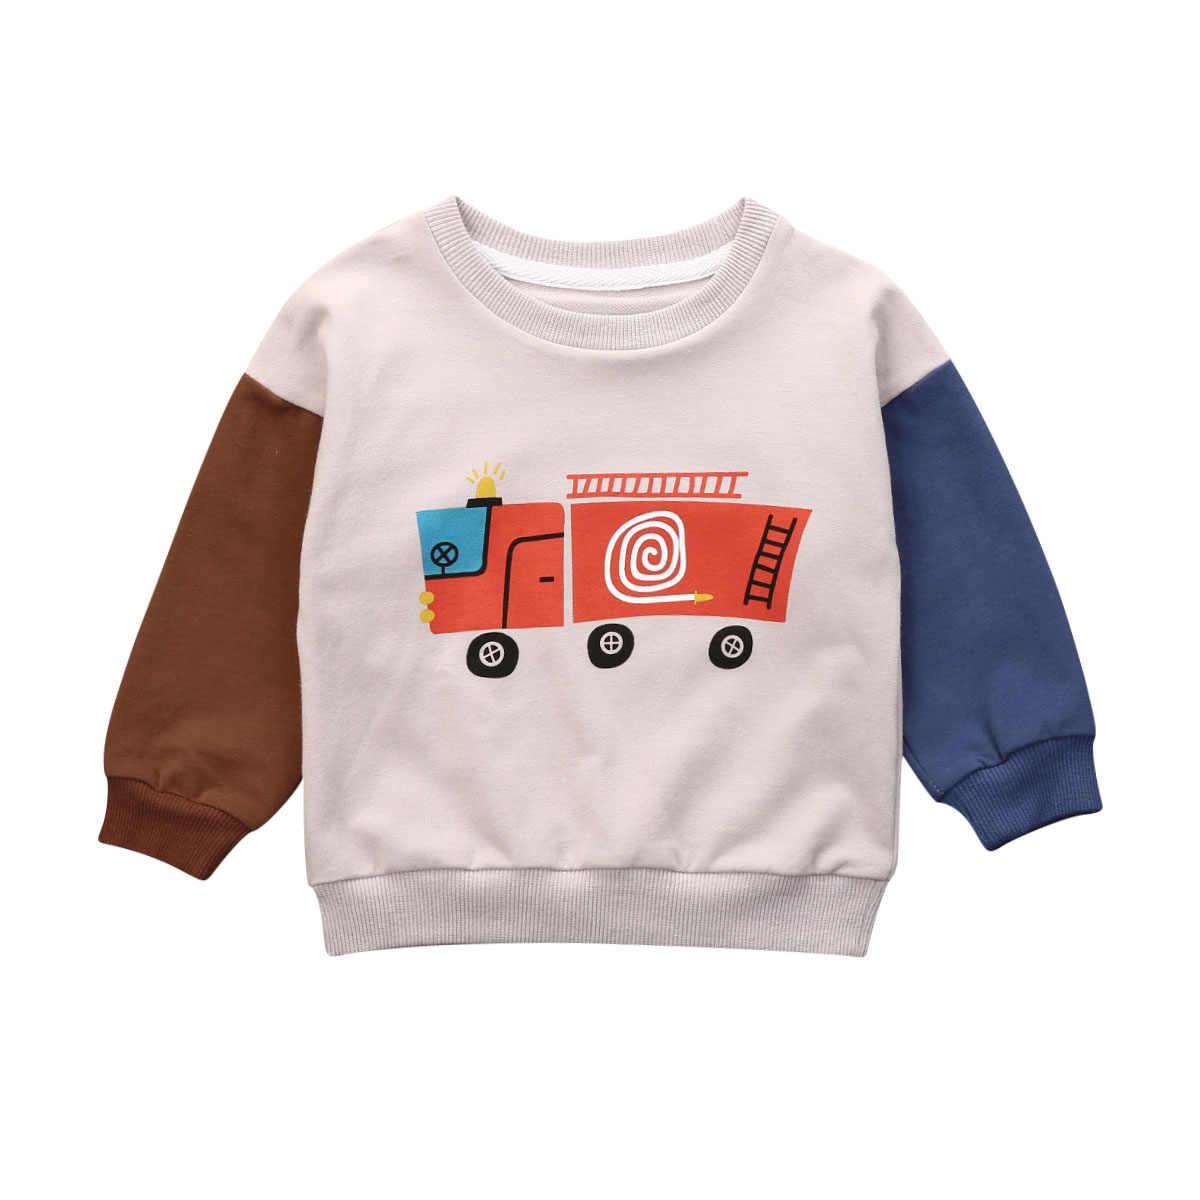 Aktif çocuklar bebek kız erkek spor tişörtü sonbahar kış sıcak kazak egzersiz spor çocuk kazak 0-5Y